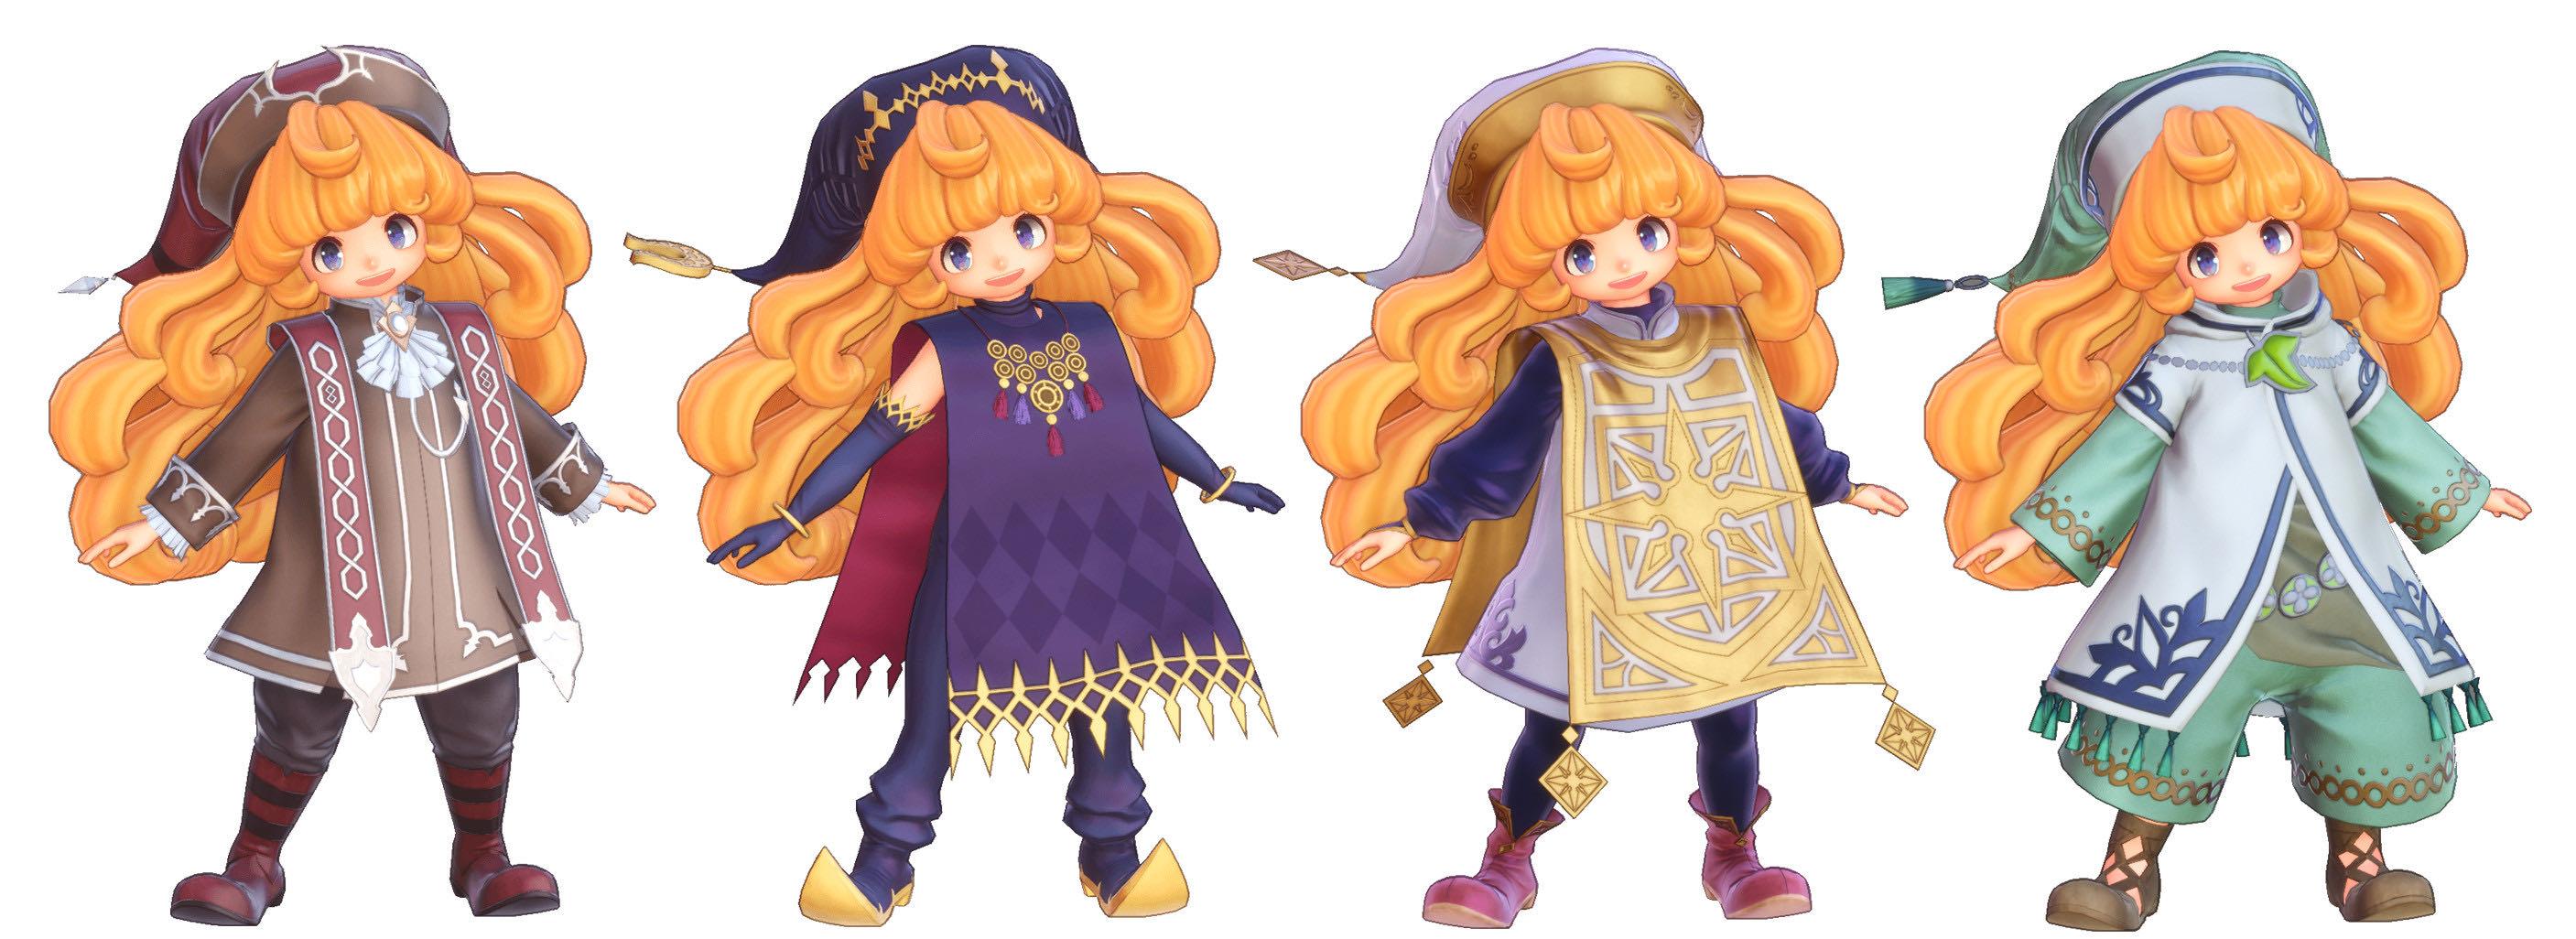 3 クラス 聖 アンジェラ 剣 伝説